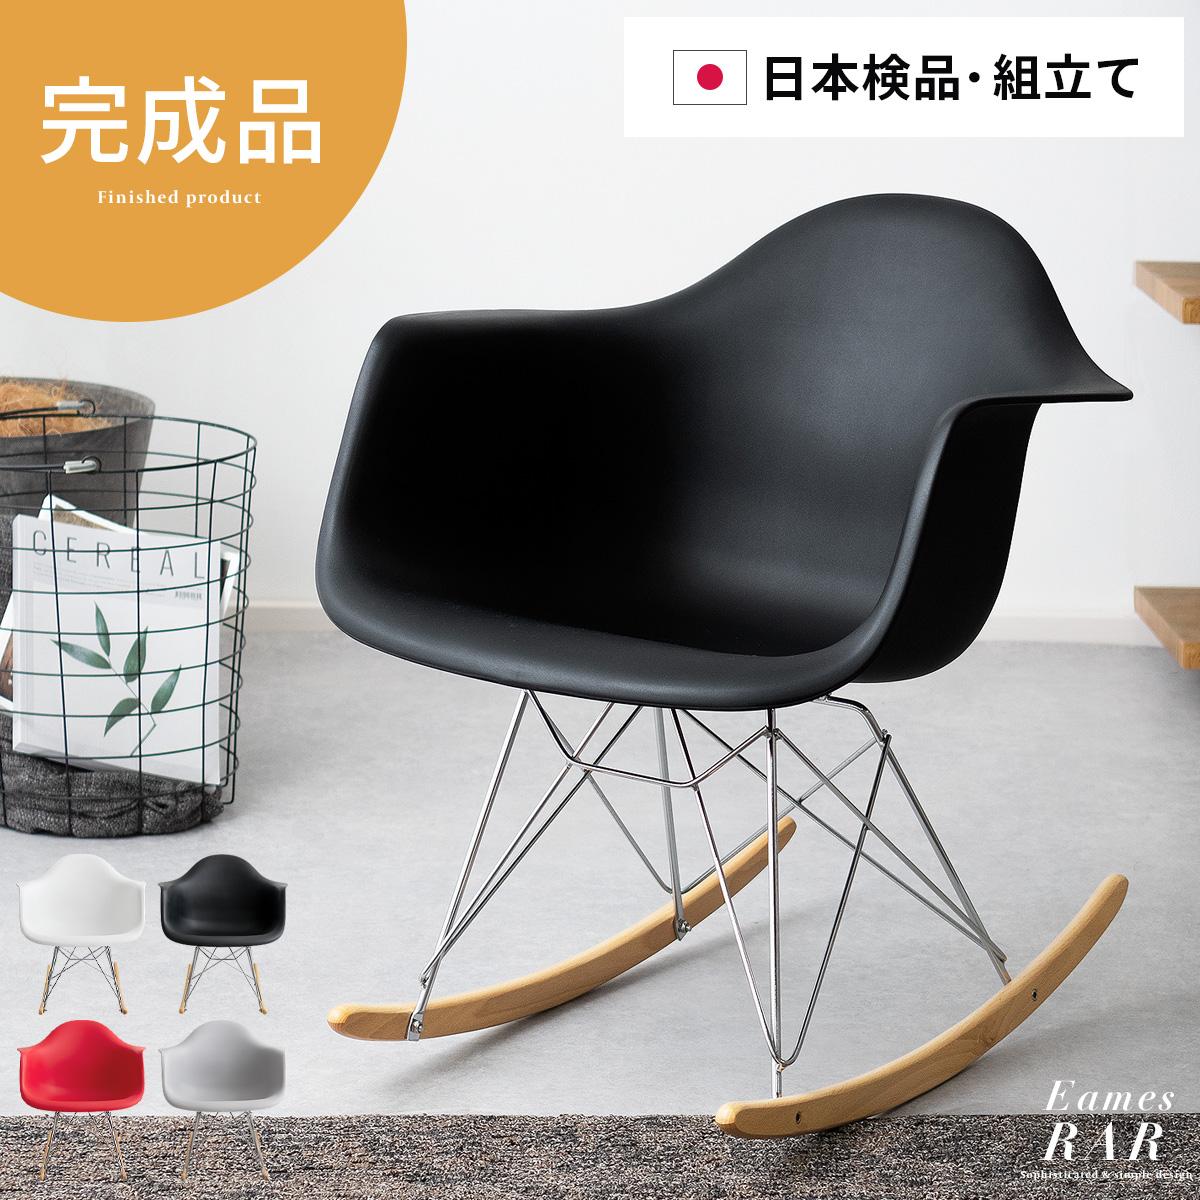 ロッキングチェア ロッキングチェアー イームズチェア ダイニングチェア かわいい おしゃれ eames イームズアームシェルチェア DAR ホワイト ブラック レッド ブルー グリーン 緑 チェア 椅子 イス チェアー いす